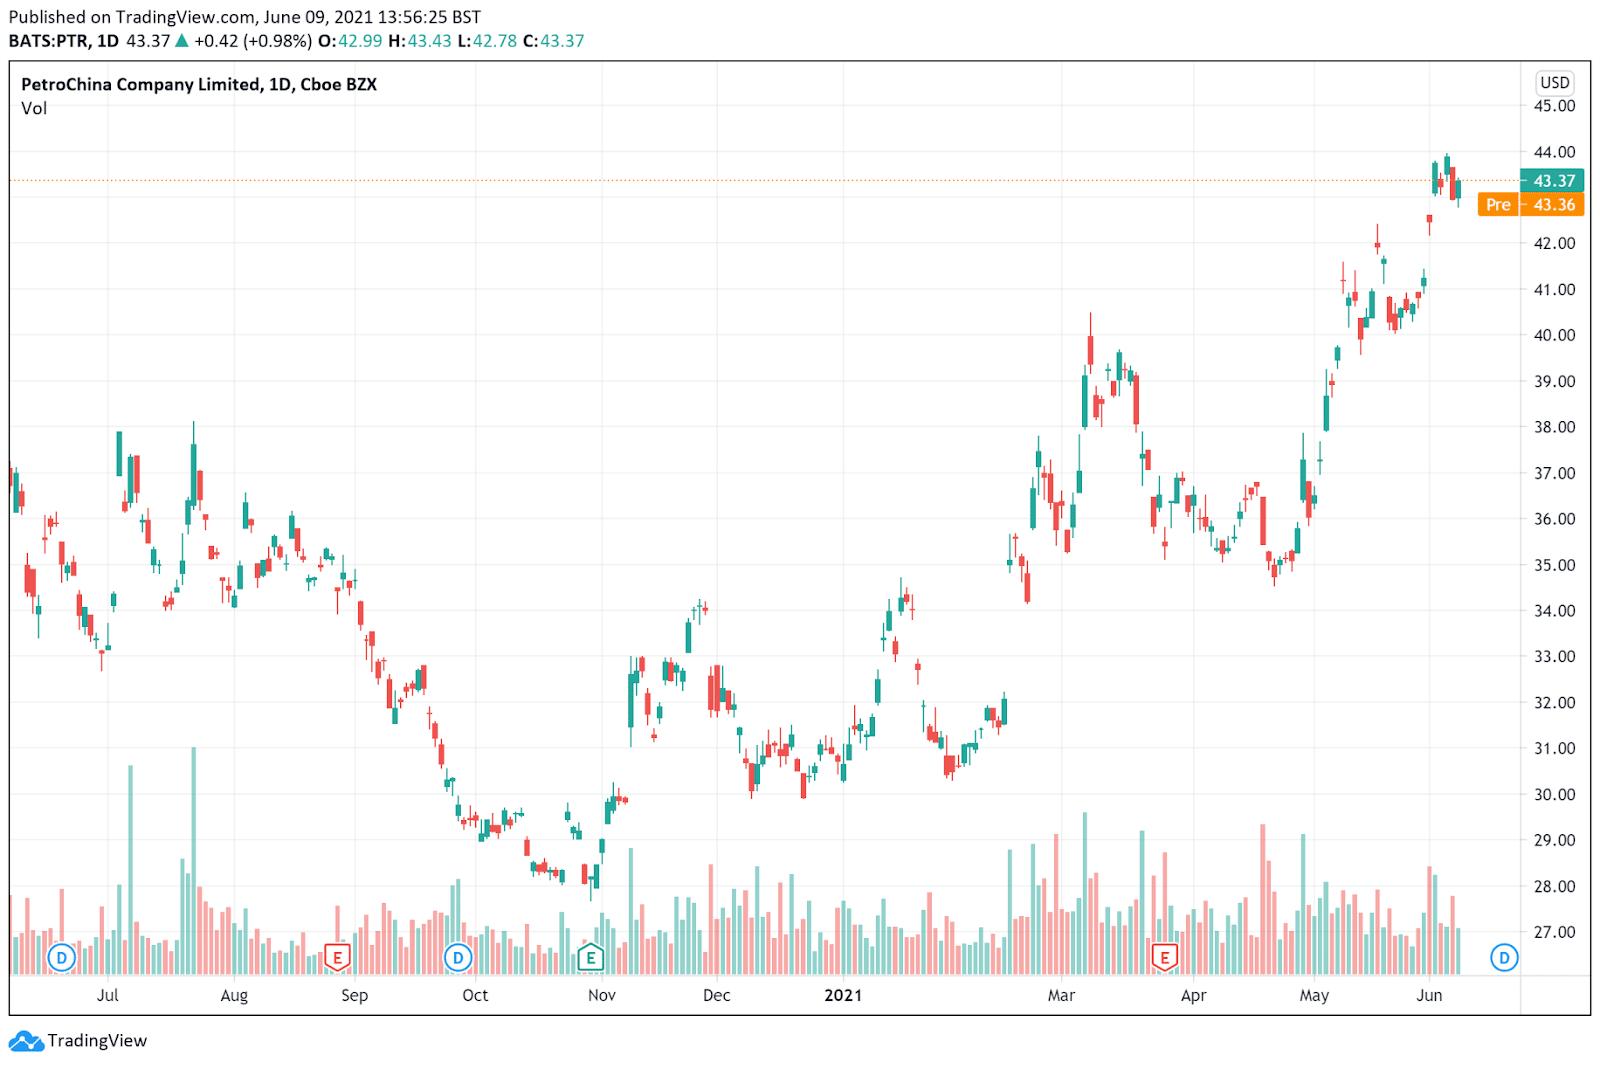 PetroChina Company price chart June 9